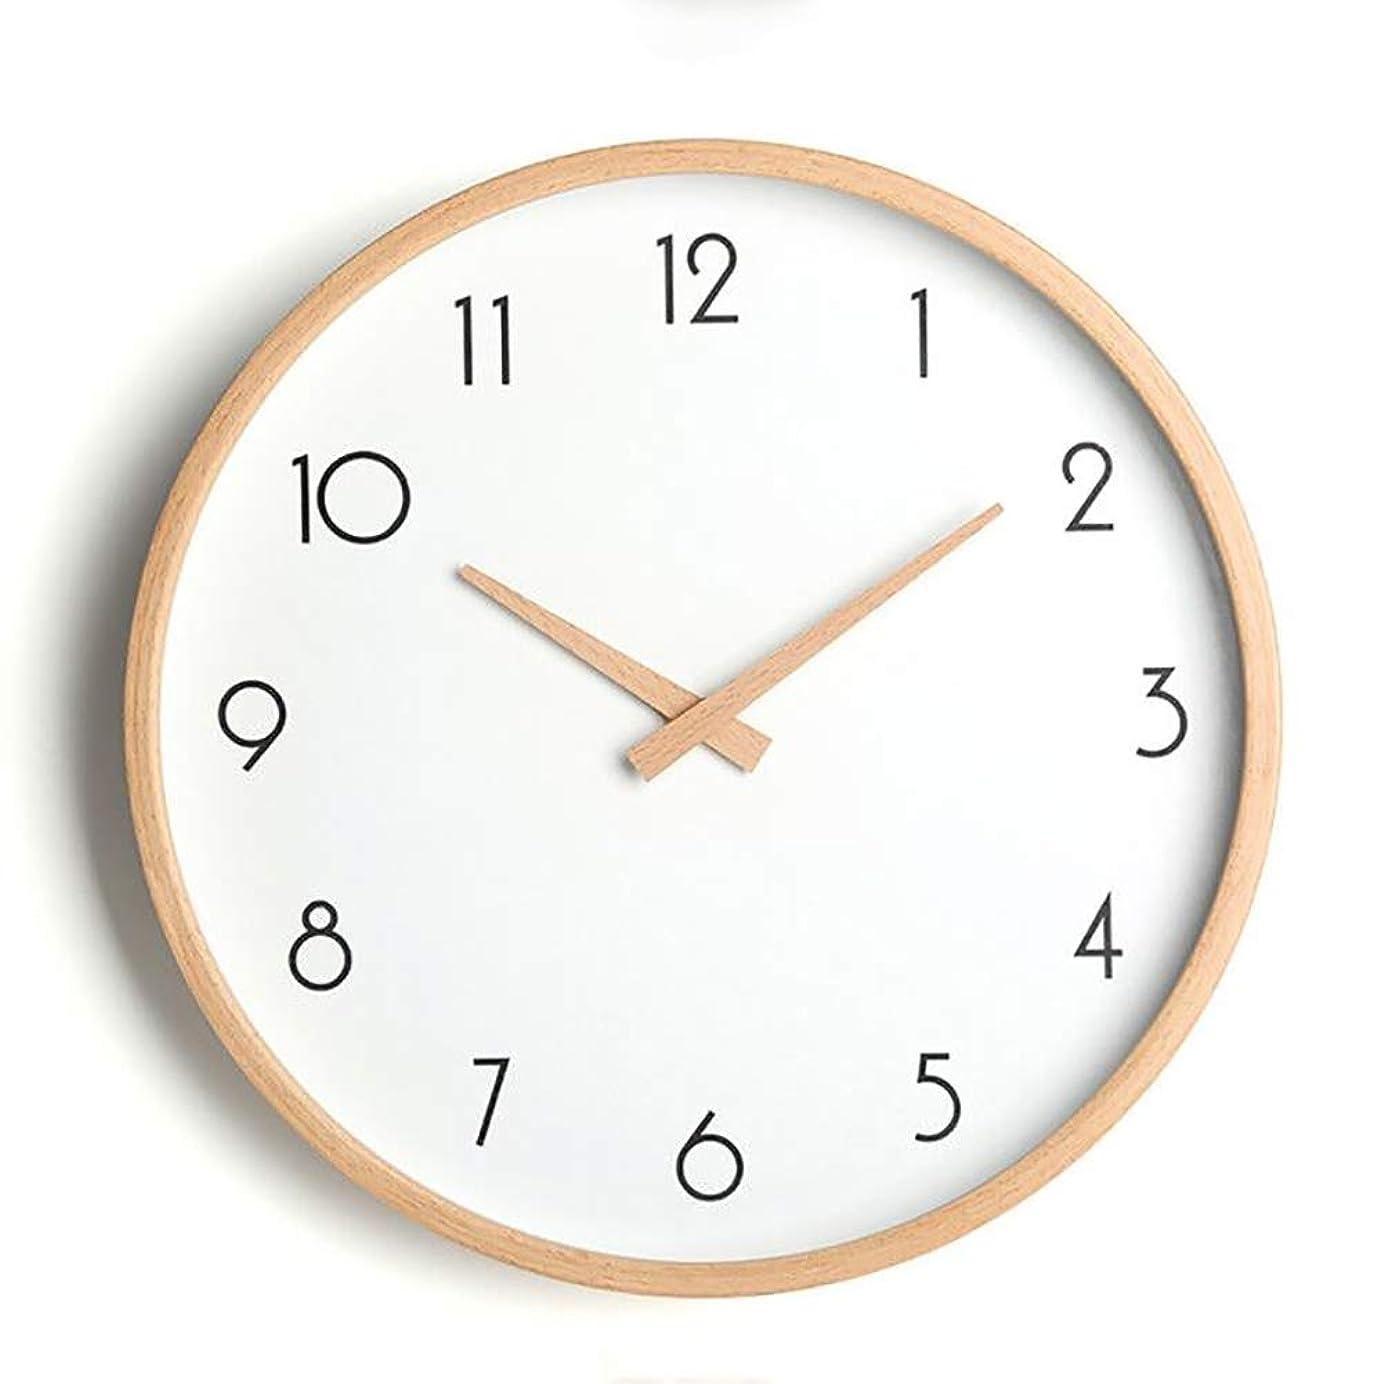 薬剤師縮約シェルPFLife 掛け時計 木製 おしゃれ 静音 北欧 デザイン Wall Clock 木枠 壁掛け シンプル 部屋装飾 クロック インテリア (C, 12インチ)